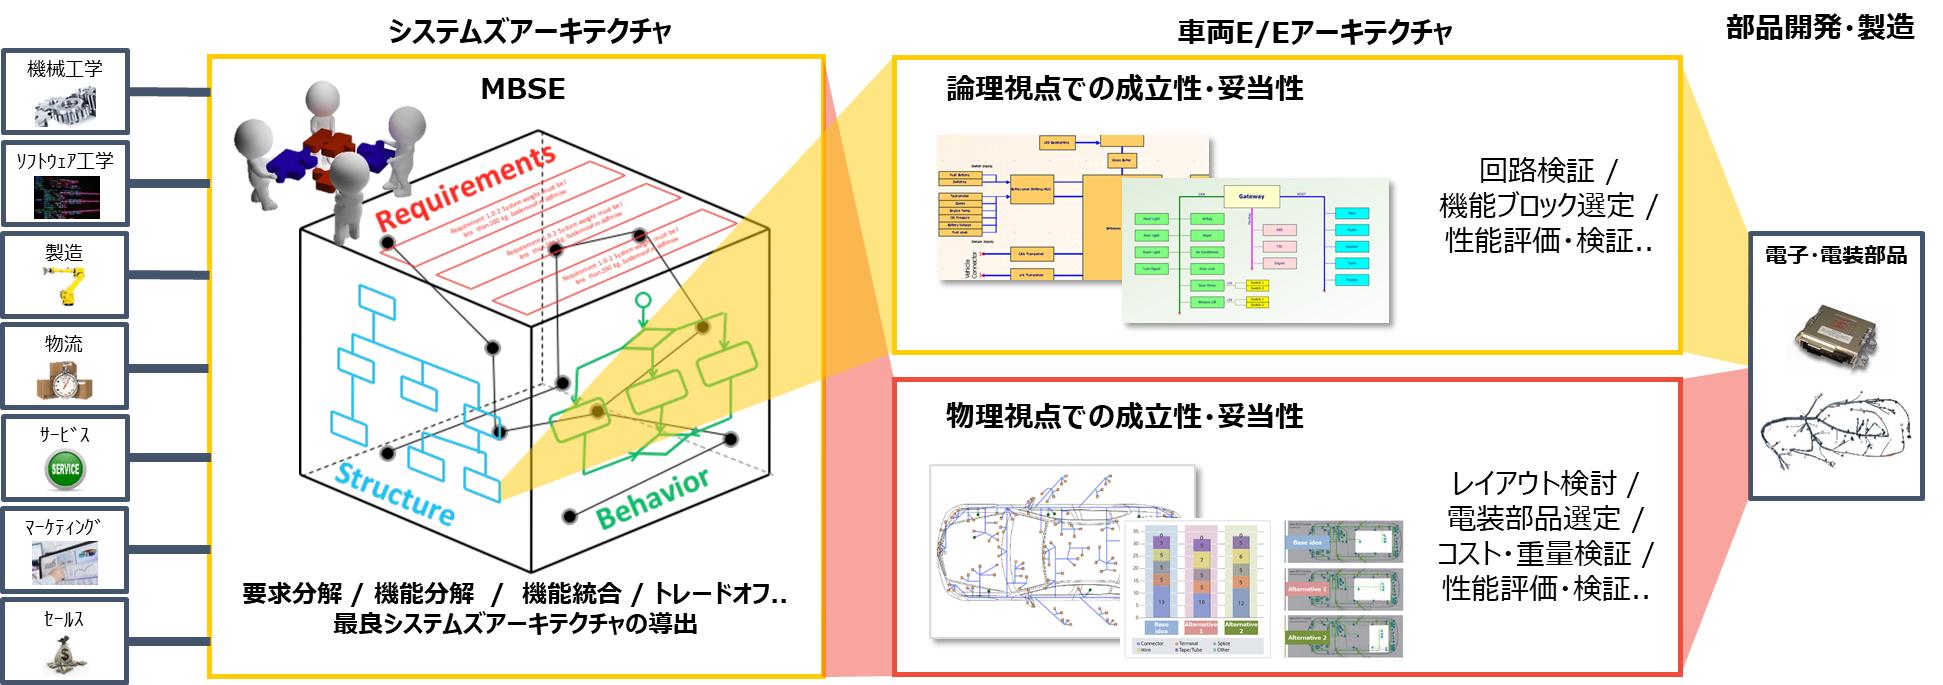 E/Eシステムズデザイン、モデルに基づく部品開発・製造